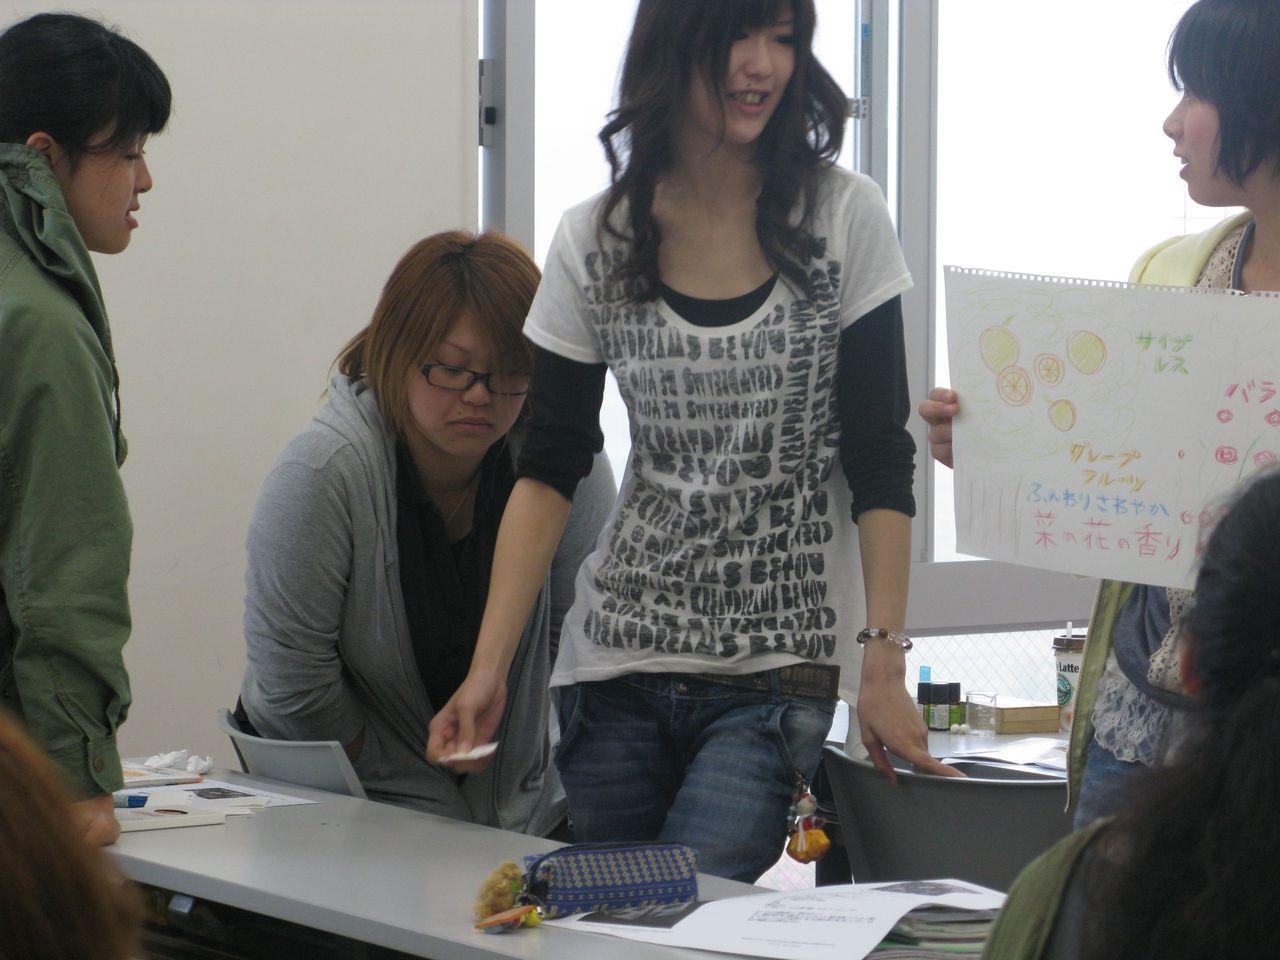 神戸夙川学院大学アロマテラピー講義・菜の花の香りやんなあ